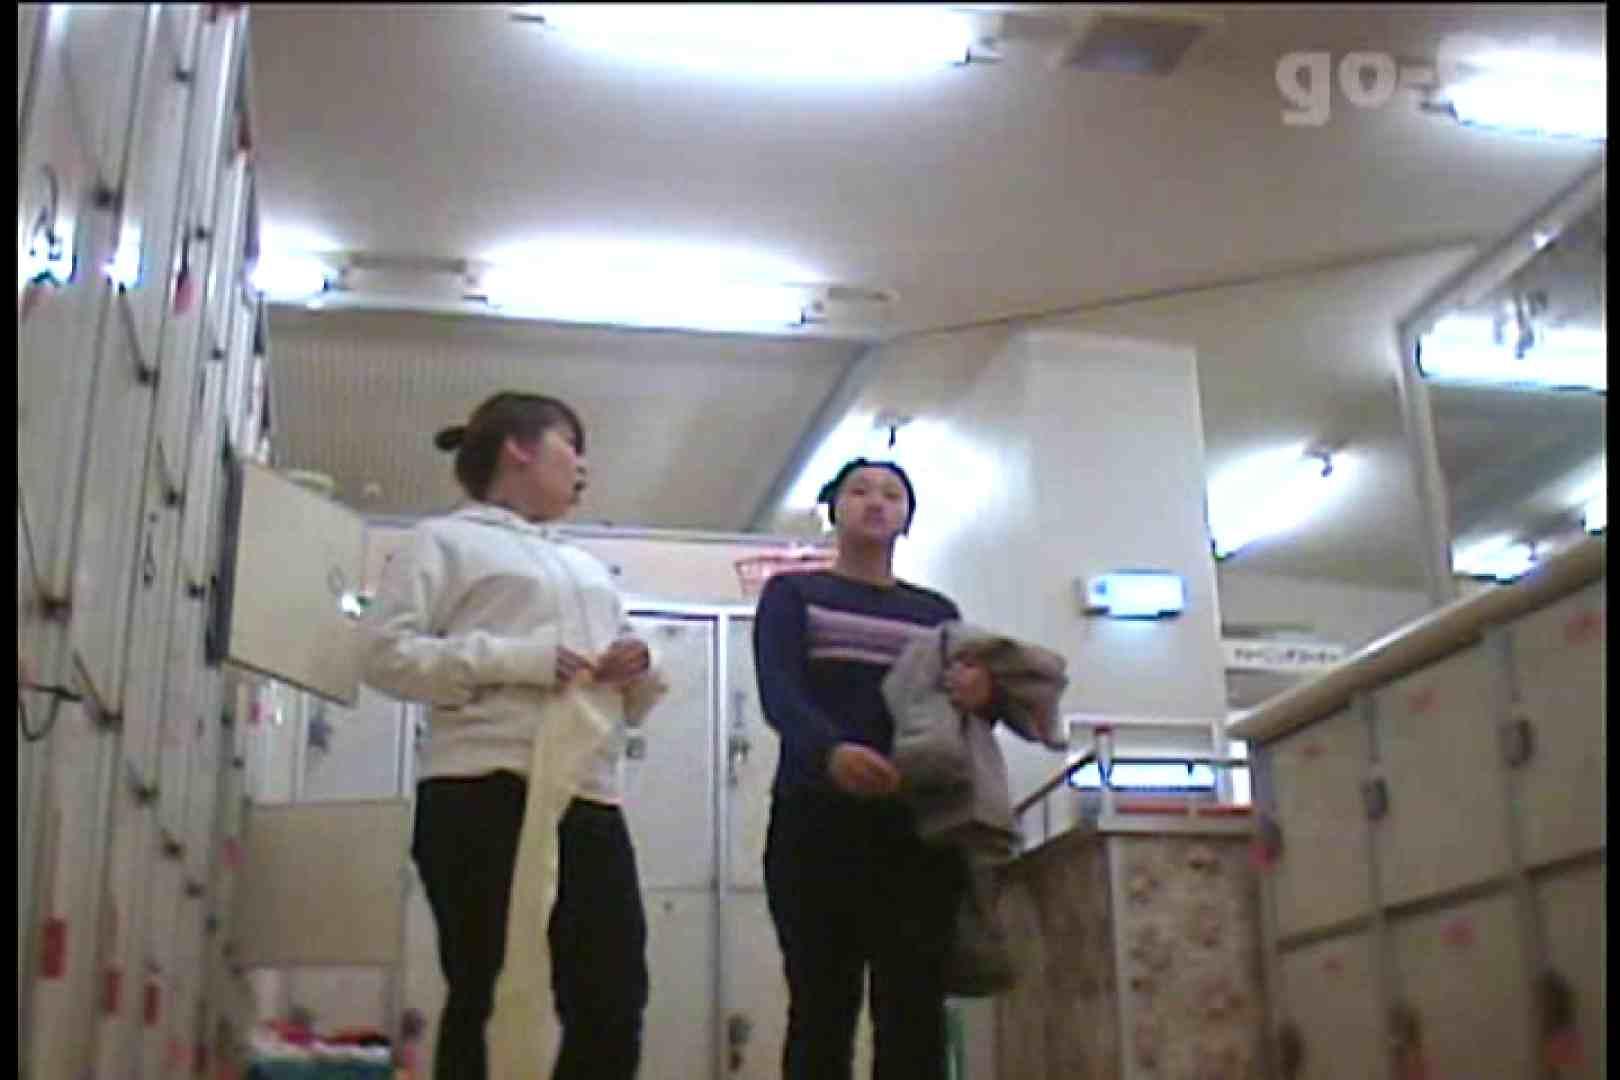 電波カメラ設置浴場からの防HAN映像 Vol.04 シャワー室 アダルト動画キャプチャ 100枚 26